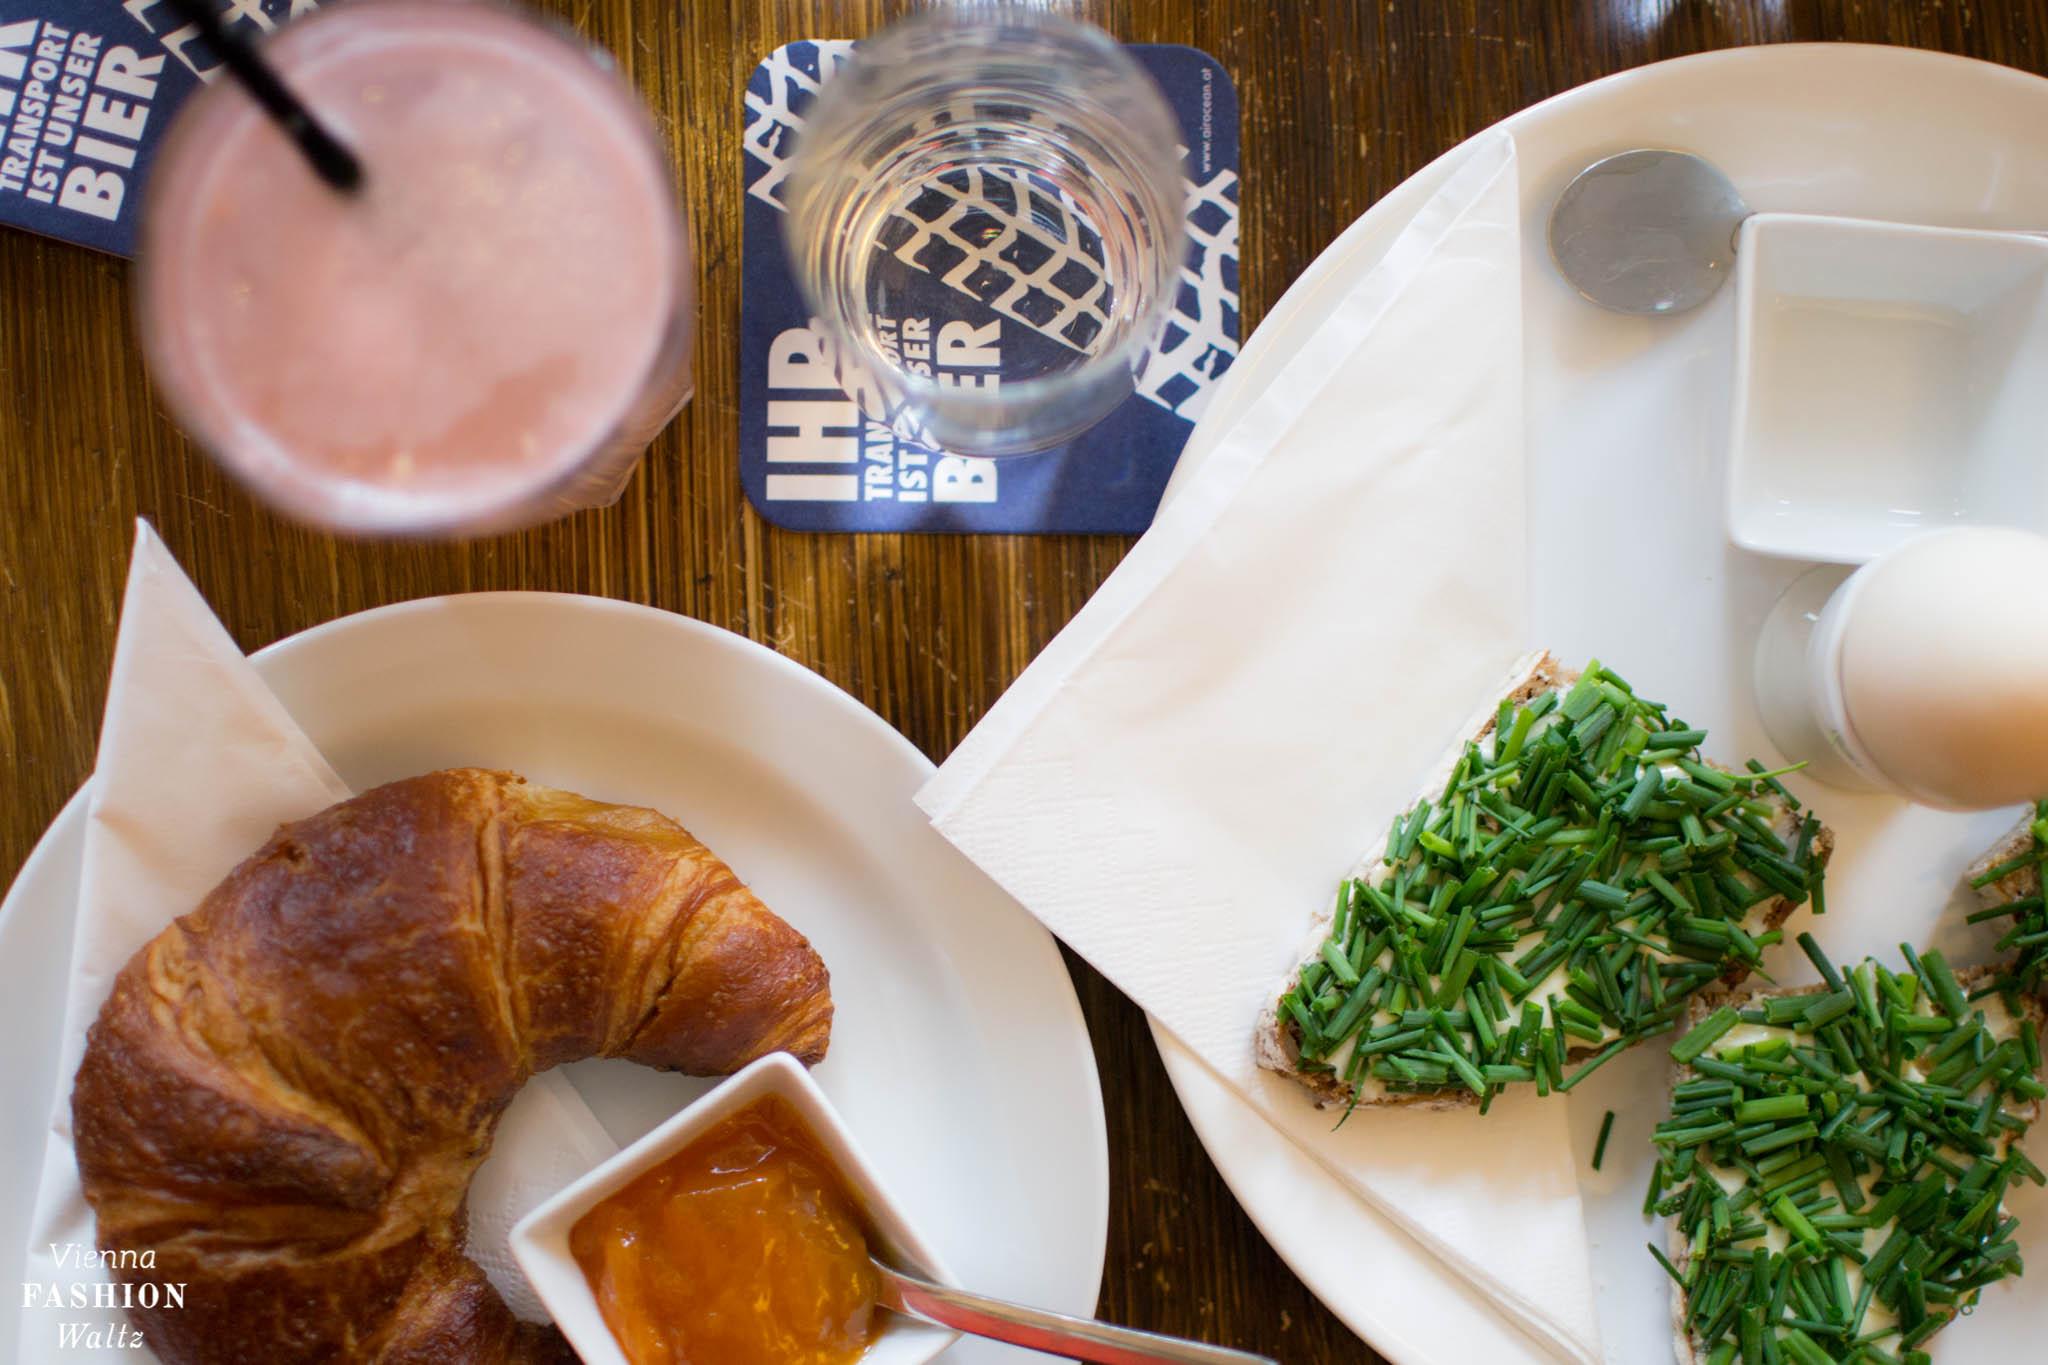 Frühstück im Café Einfahrt | Lokal-Tipp Wien | ViennaFashionWaltz | Robert Menasse Frühstück